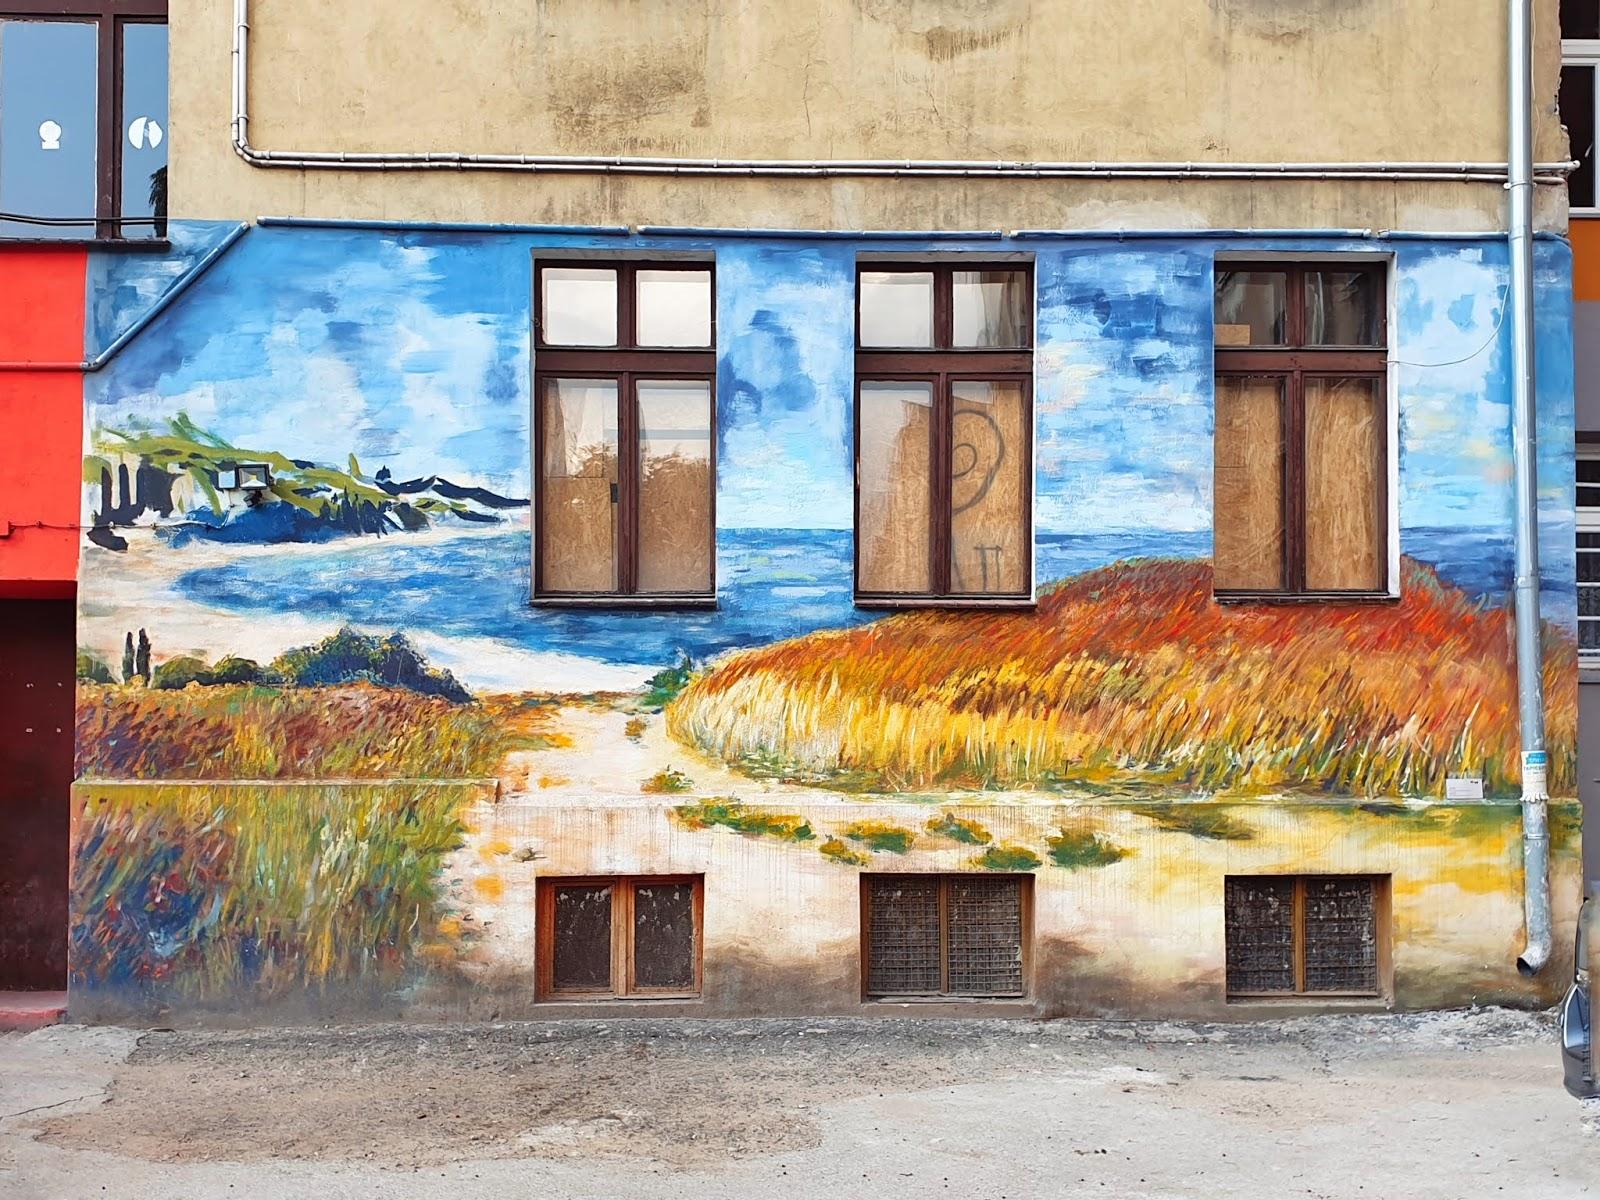 Wrocławski street art   kolorowe podwórka pełne sztuki